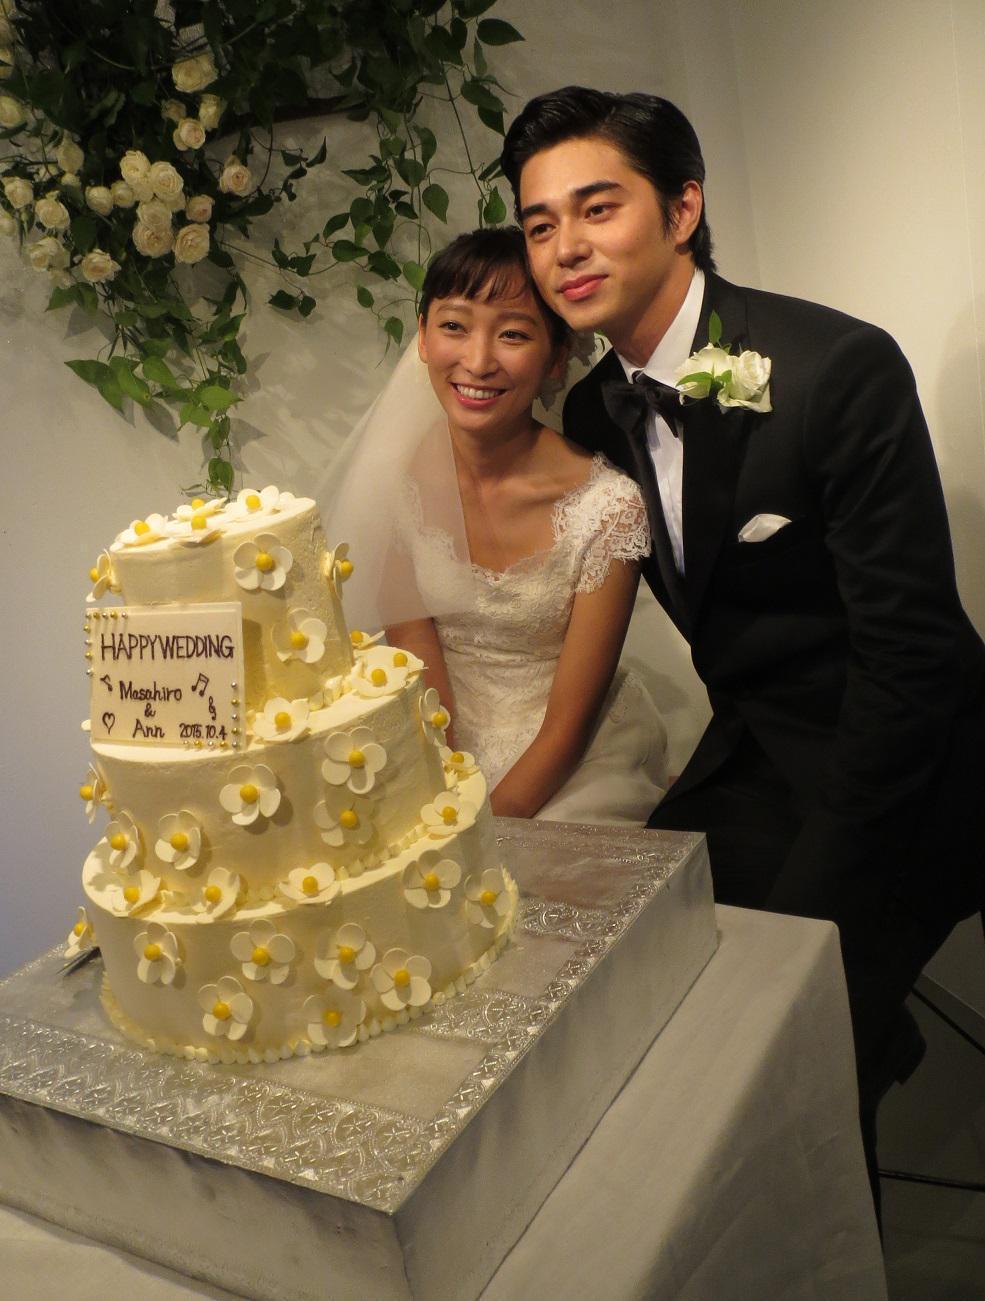 東出昌大因出軌與妻子渡邊杏於去年8月宣布離婚,3個小孩都由渡邊杏撫養。圖:翻攝自推特